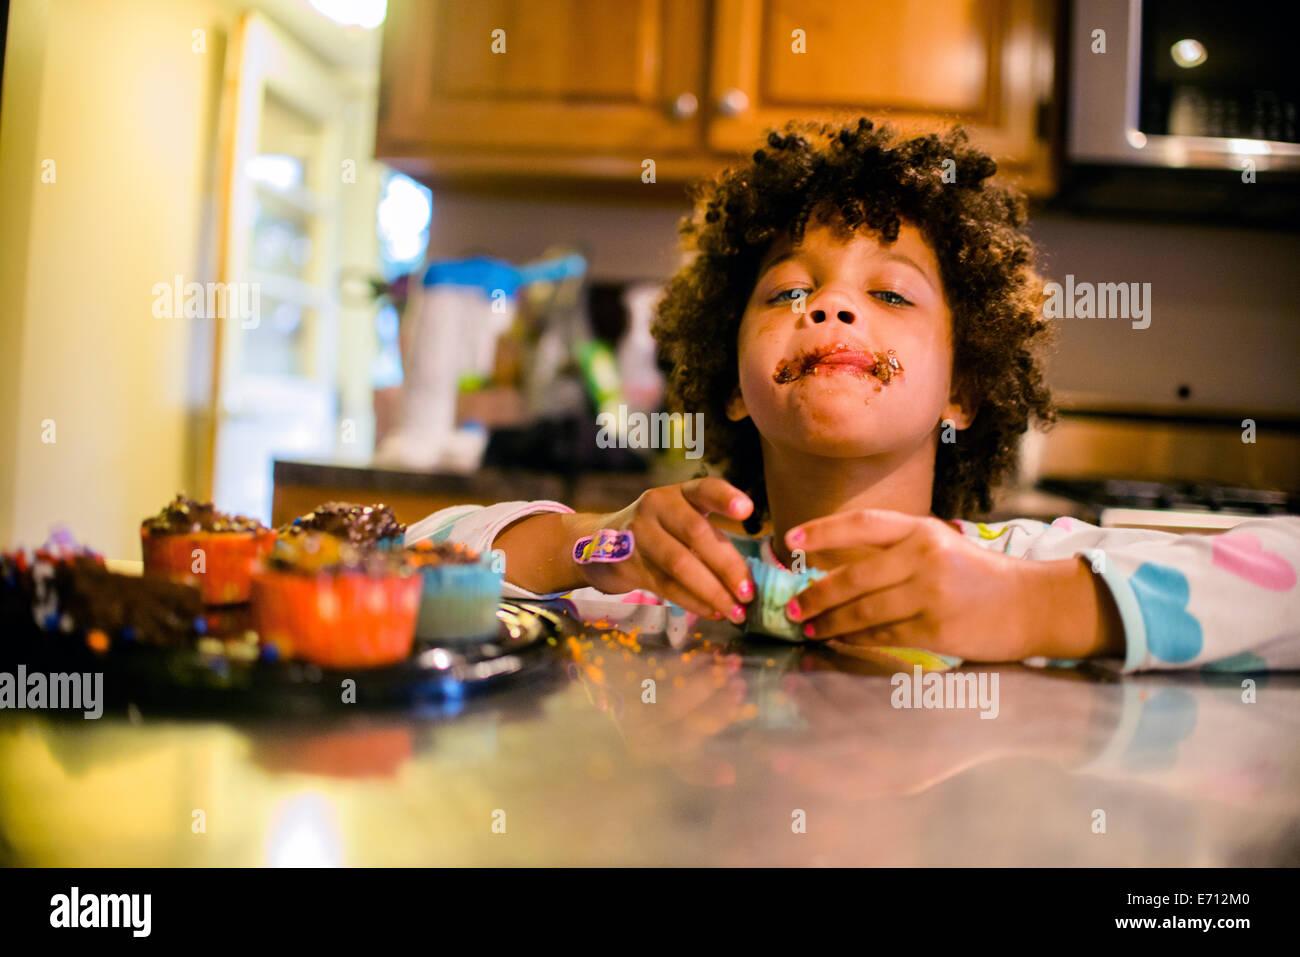 Ritratto di ragazza con ricoperta di cioccolato bocca di mangiare i tortini Immagini Stock